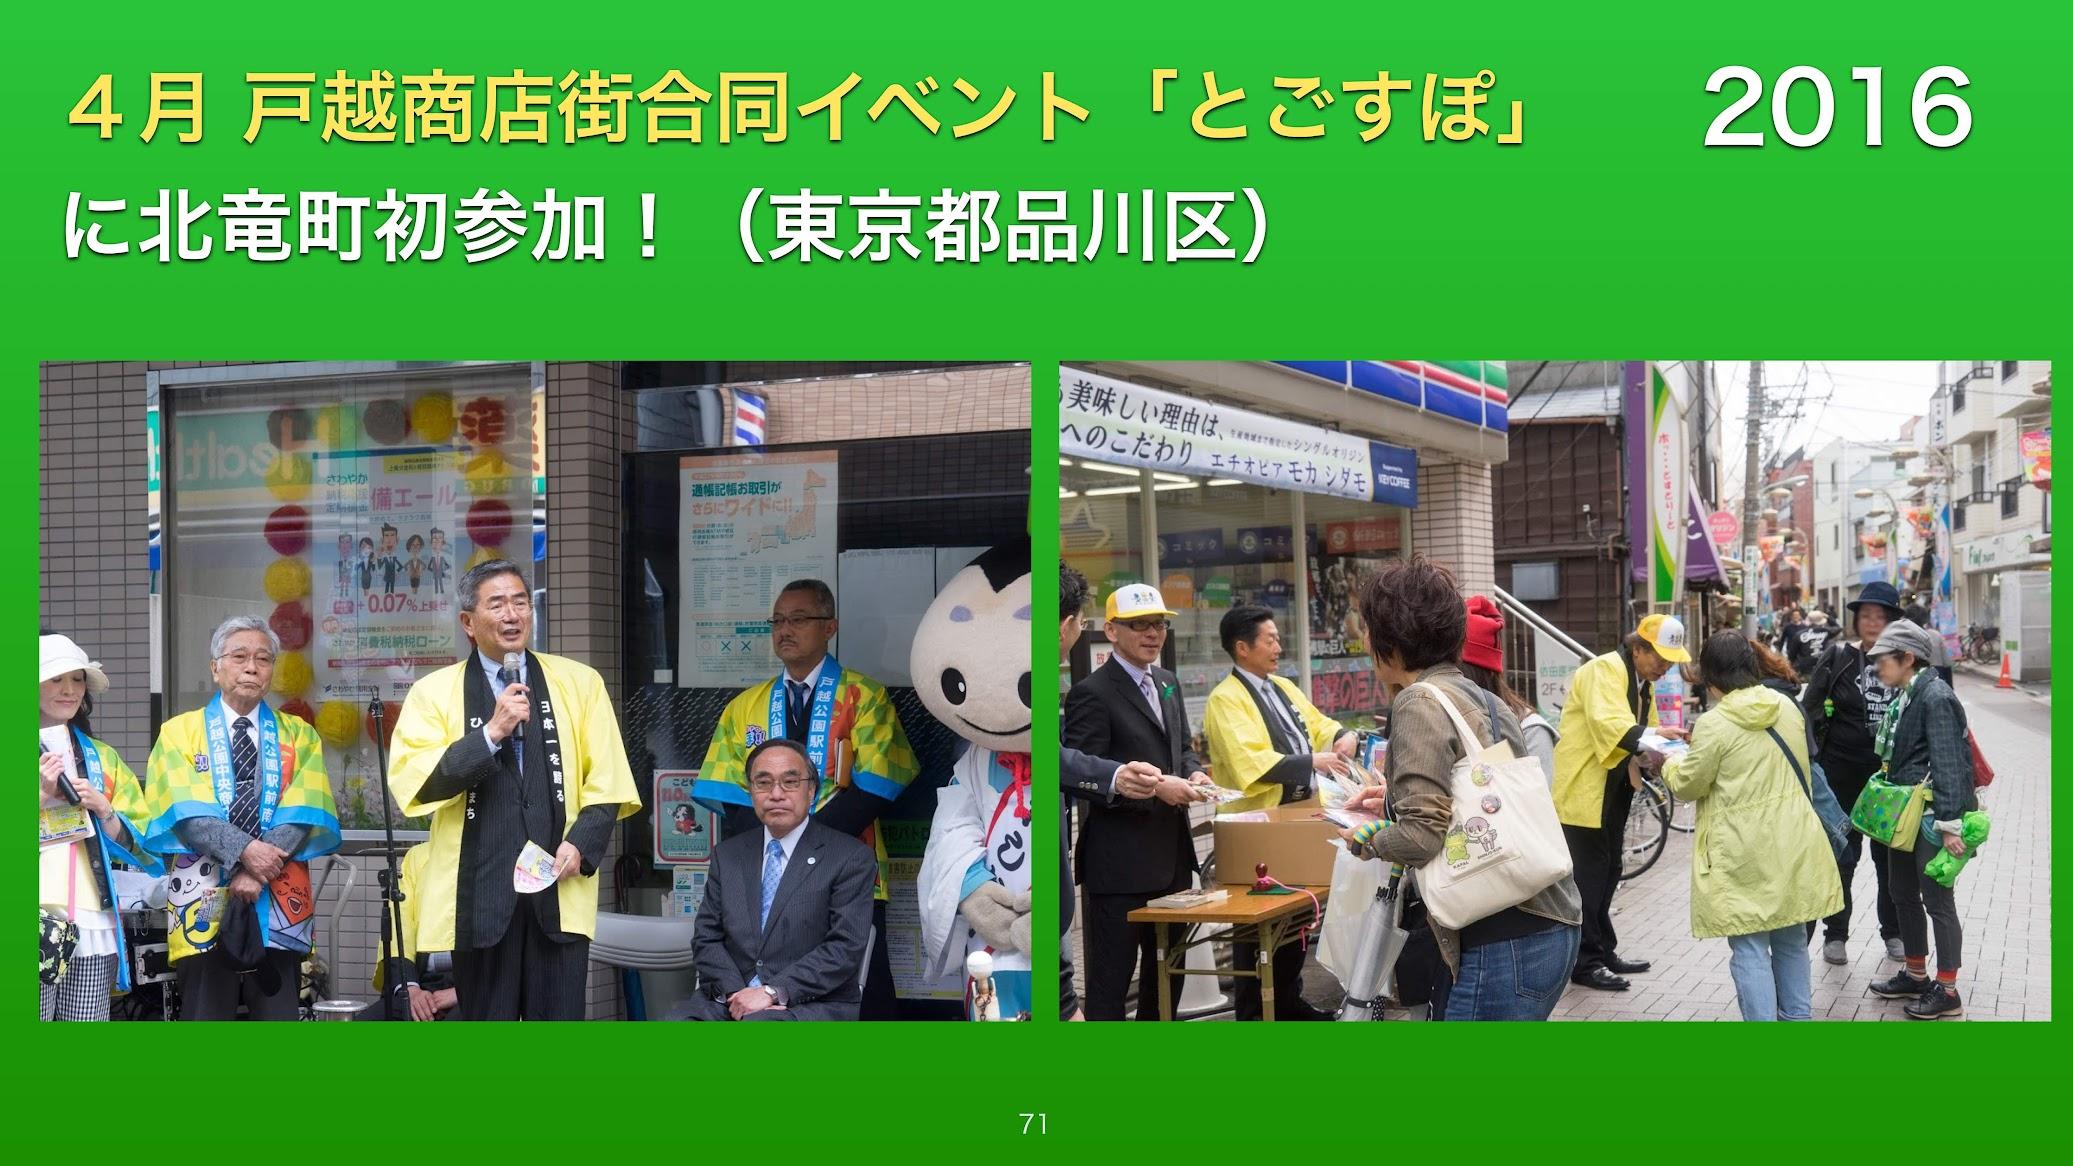 4月 戸越商店街合同イベント「とごすぽ」に北竜町初参加(東京都市品川区)